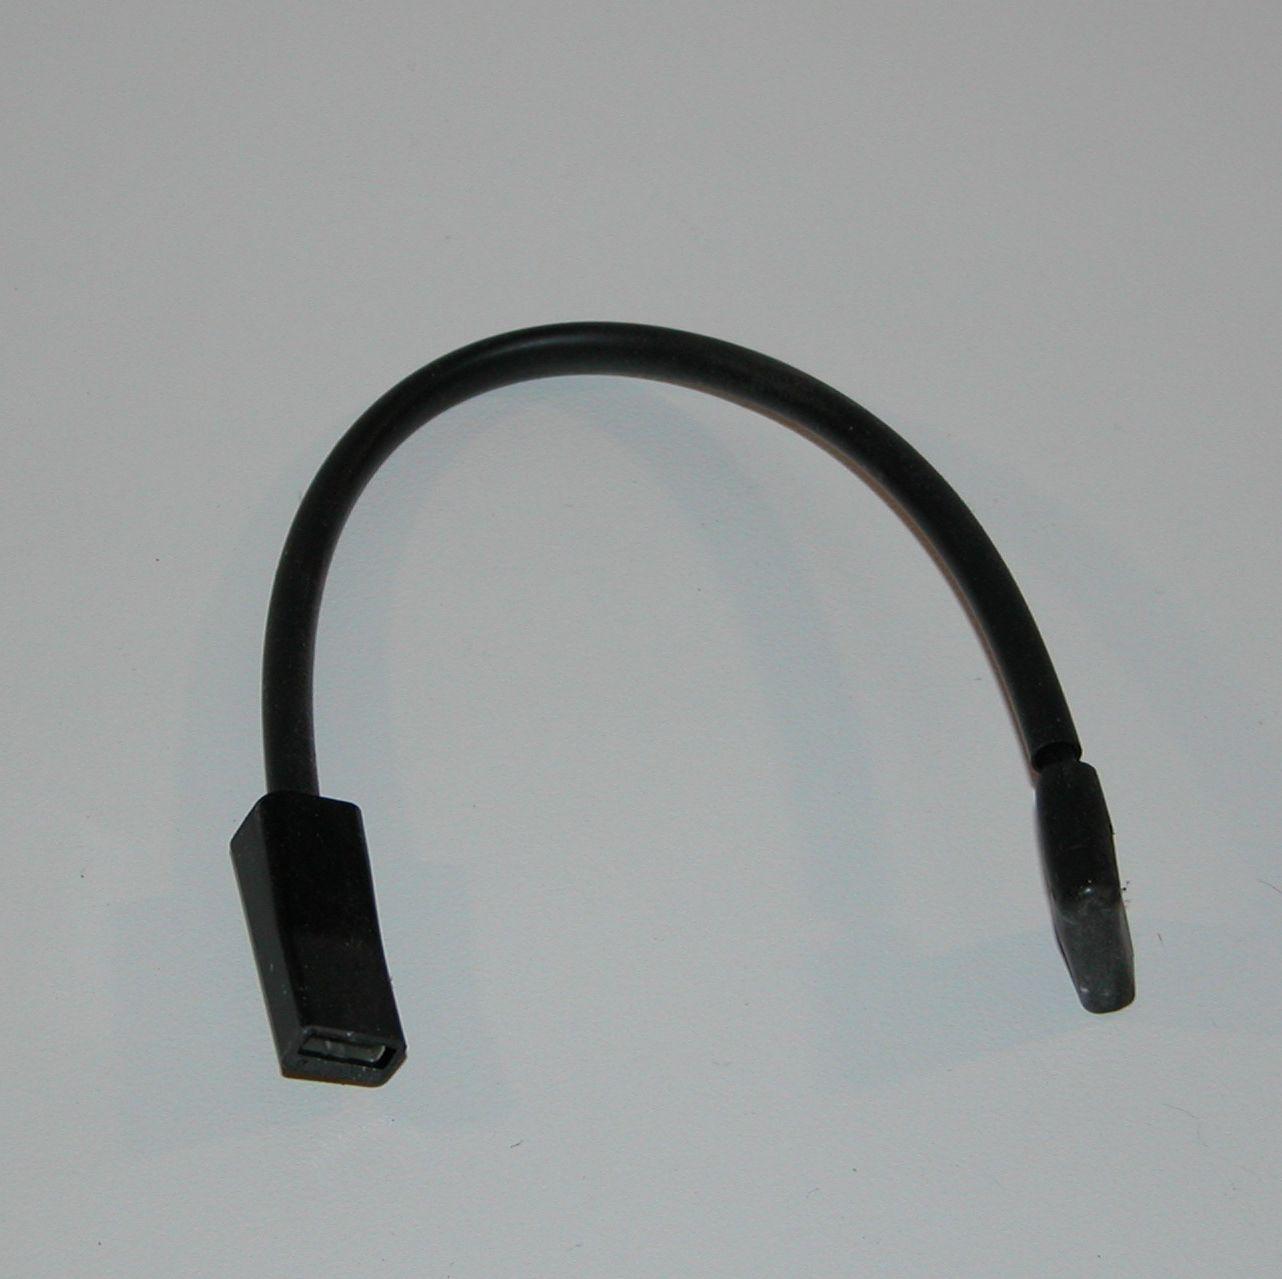 Kabel für Diodenplatte an BMW R  Modell